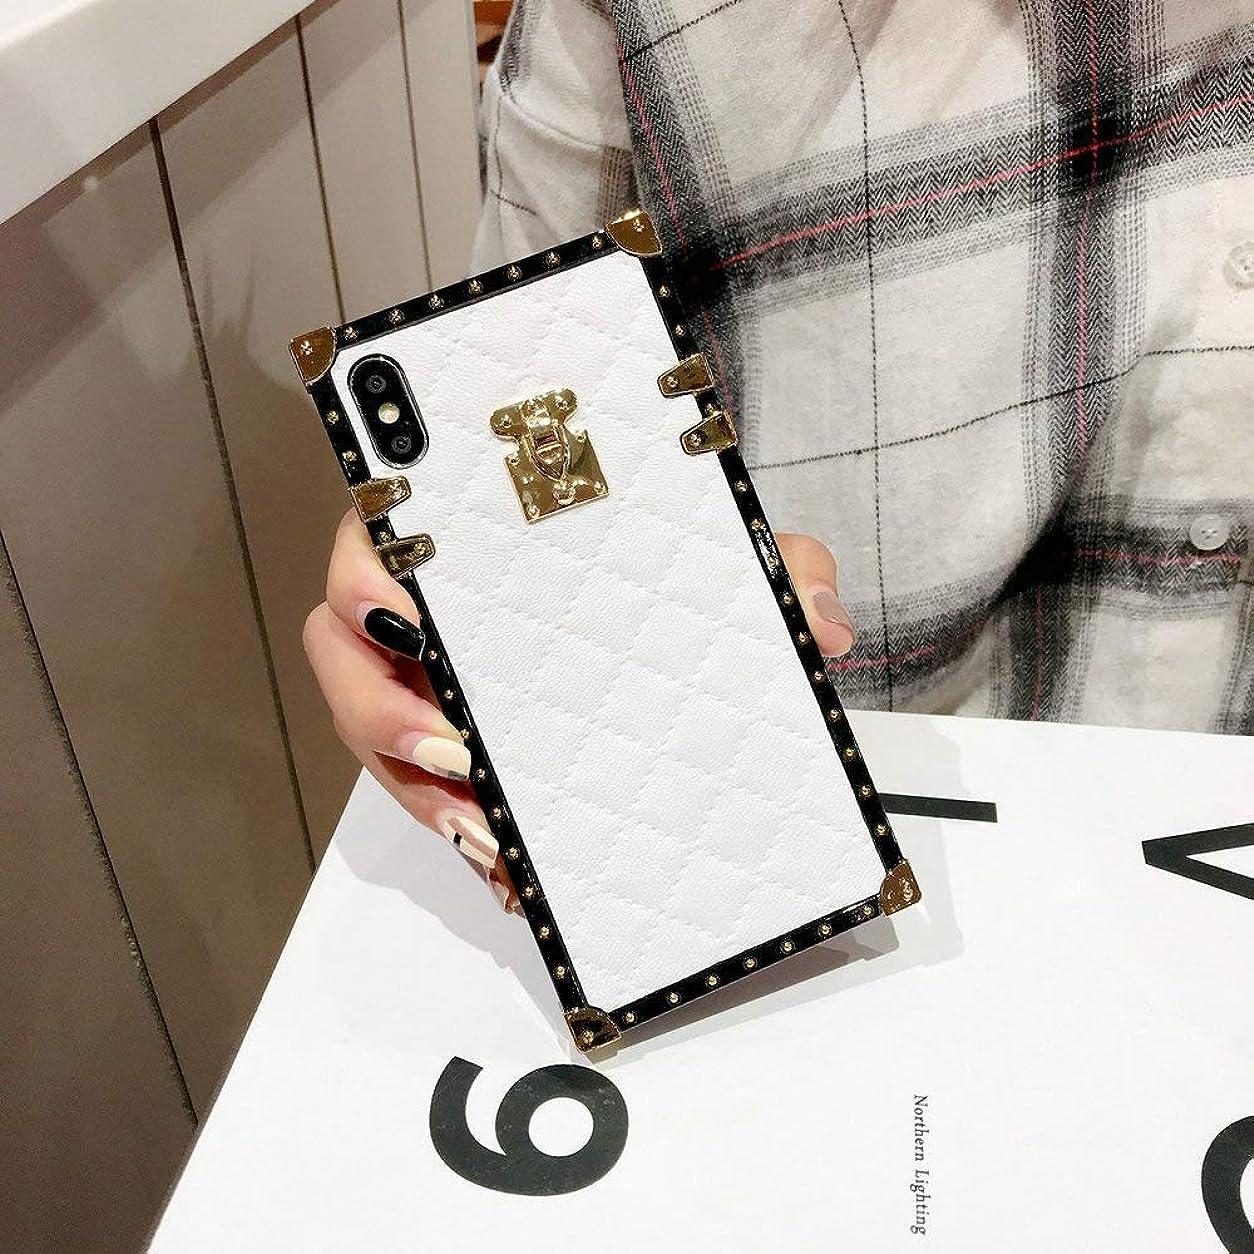 報復大佐クライマックスiPhone ケース レディース メンズ 携帯ケース 羊皮 iPhone7/8/7Plus/8Plus,iPhone X/XR,iPhoneXS/XS MAX (iphoneXR ケース)